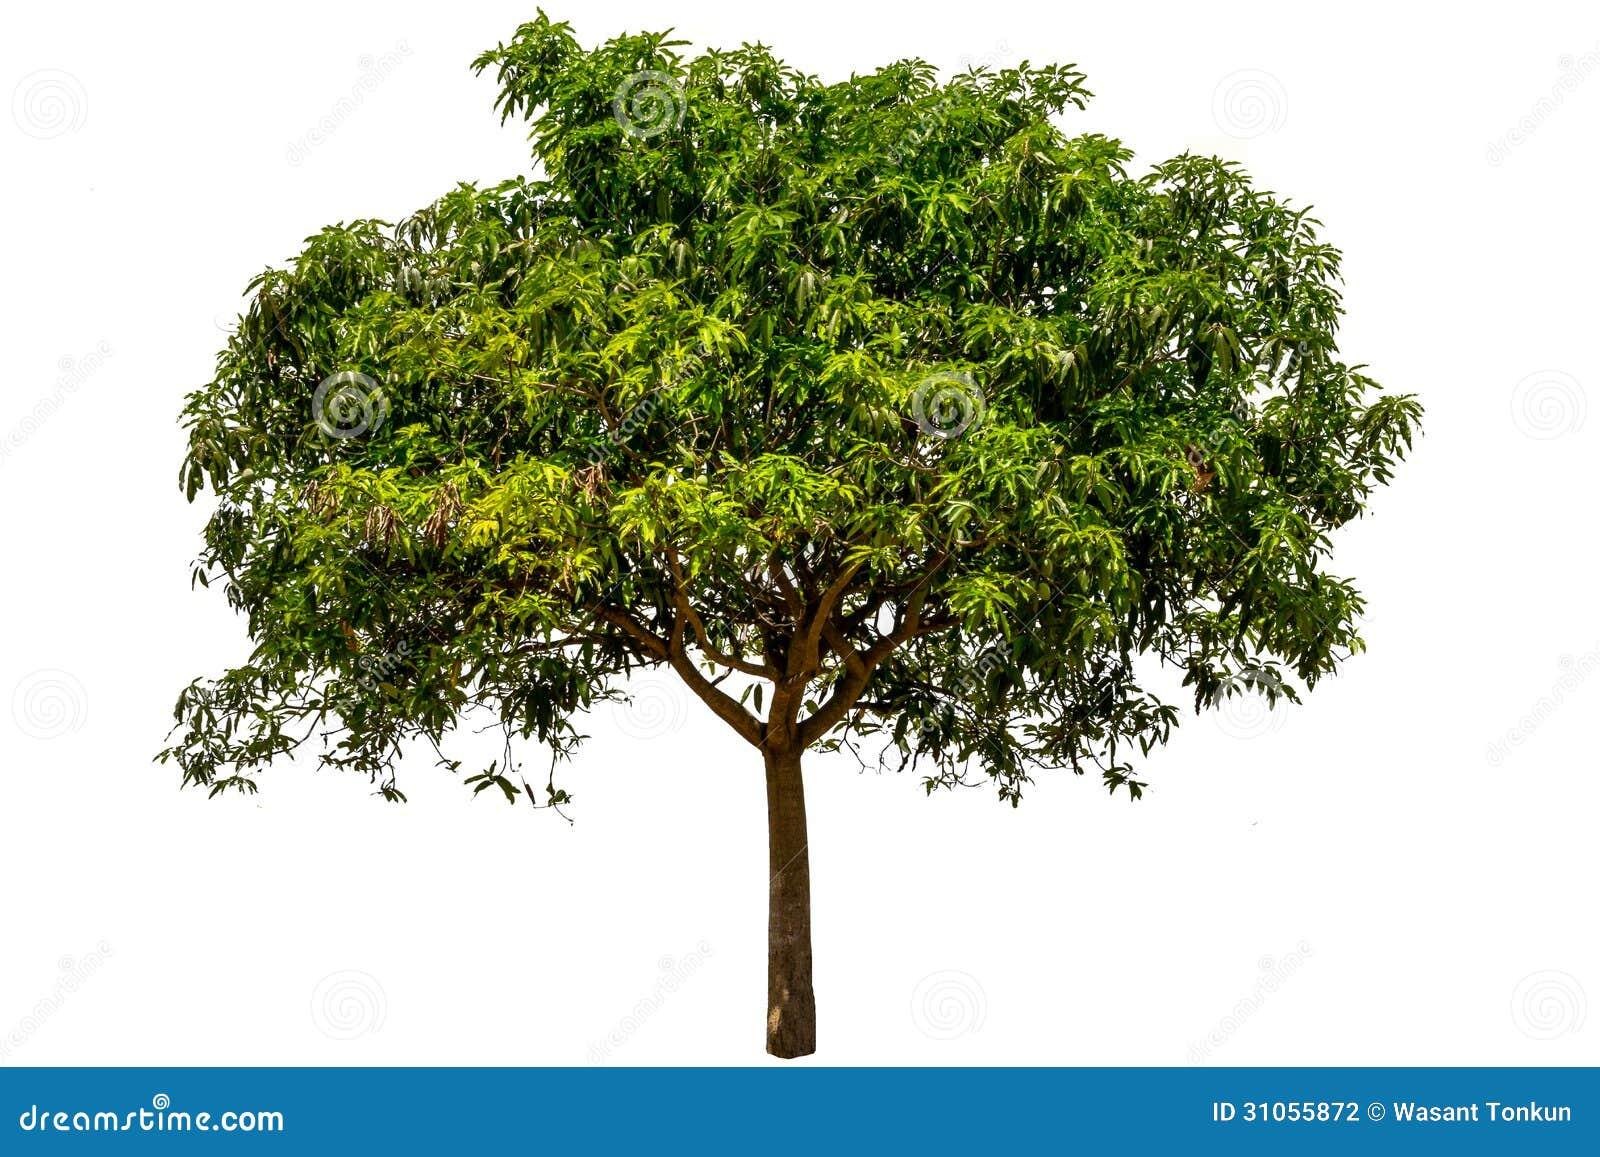 production of ethanol from mango mangifera Bioethanol production by zymomonas mobilis mtcc no modelling of ethanol production from banana peels by production of ethanol from mango (mangifera.